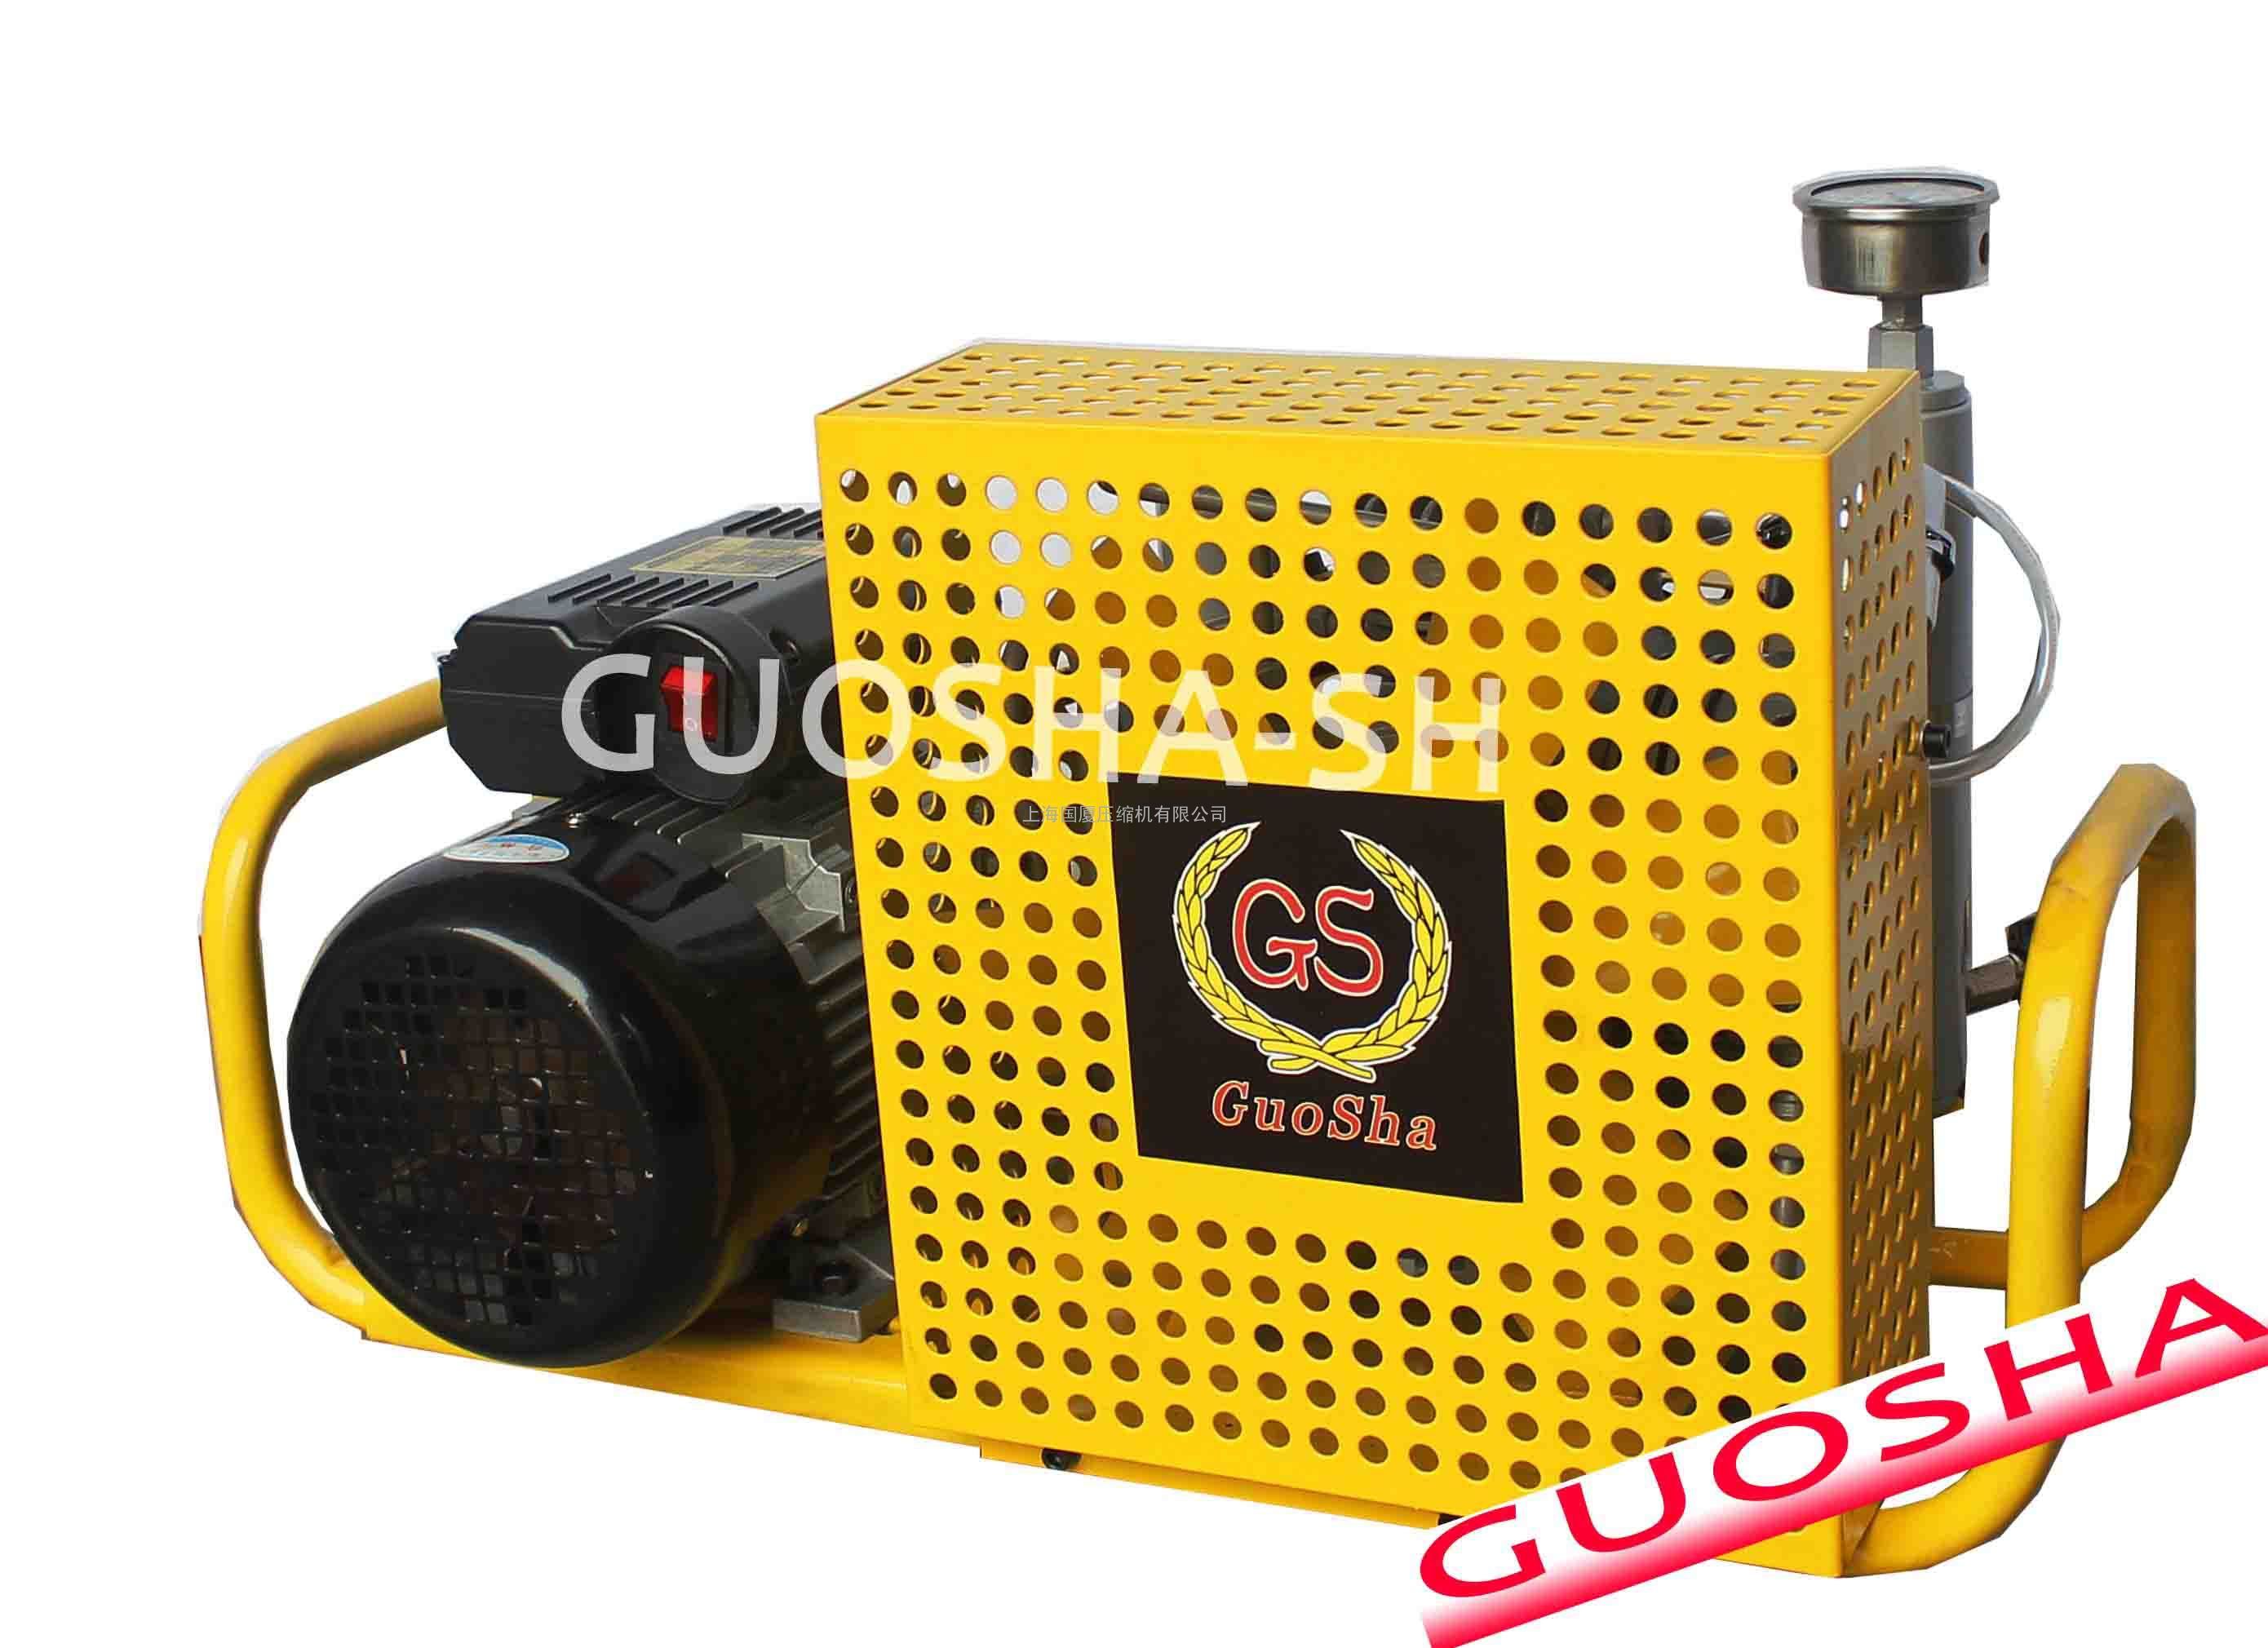 压力容器气压试验用的小型空压机